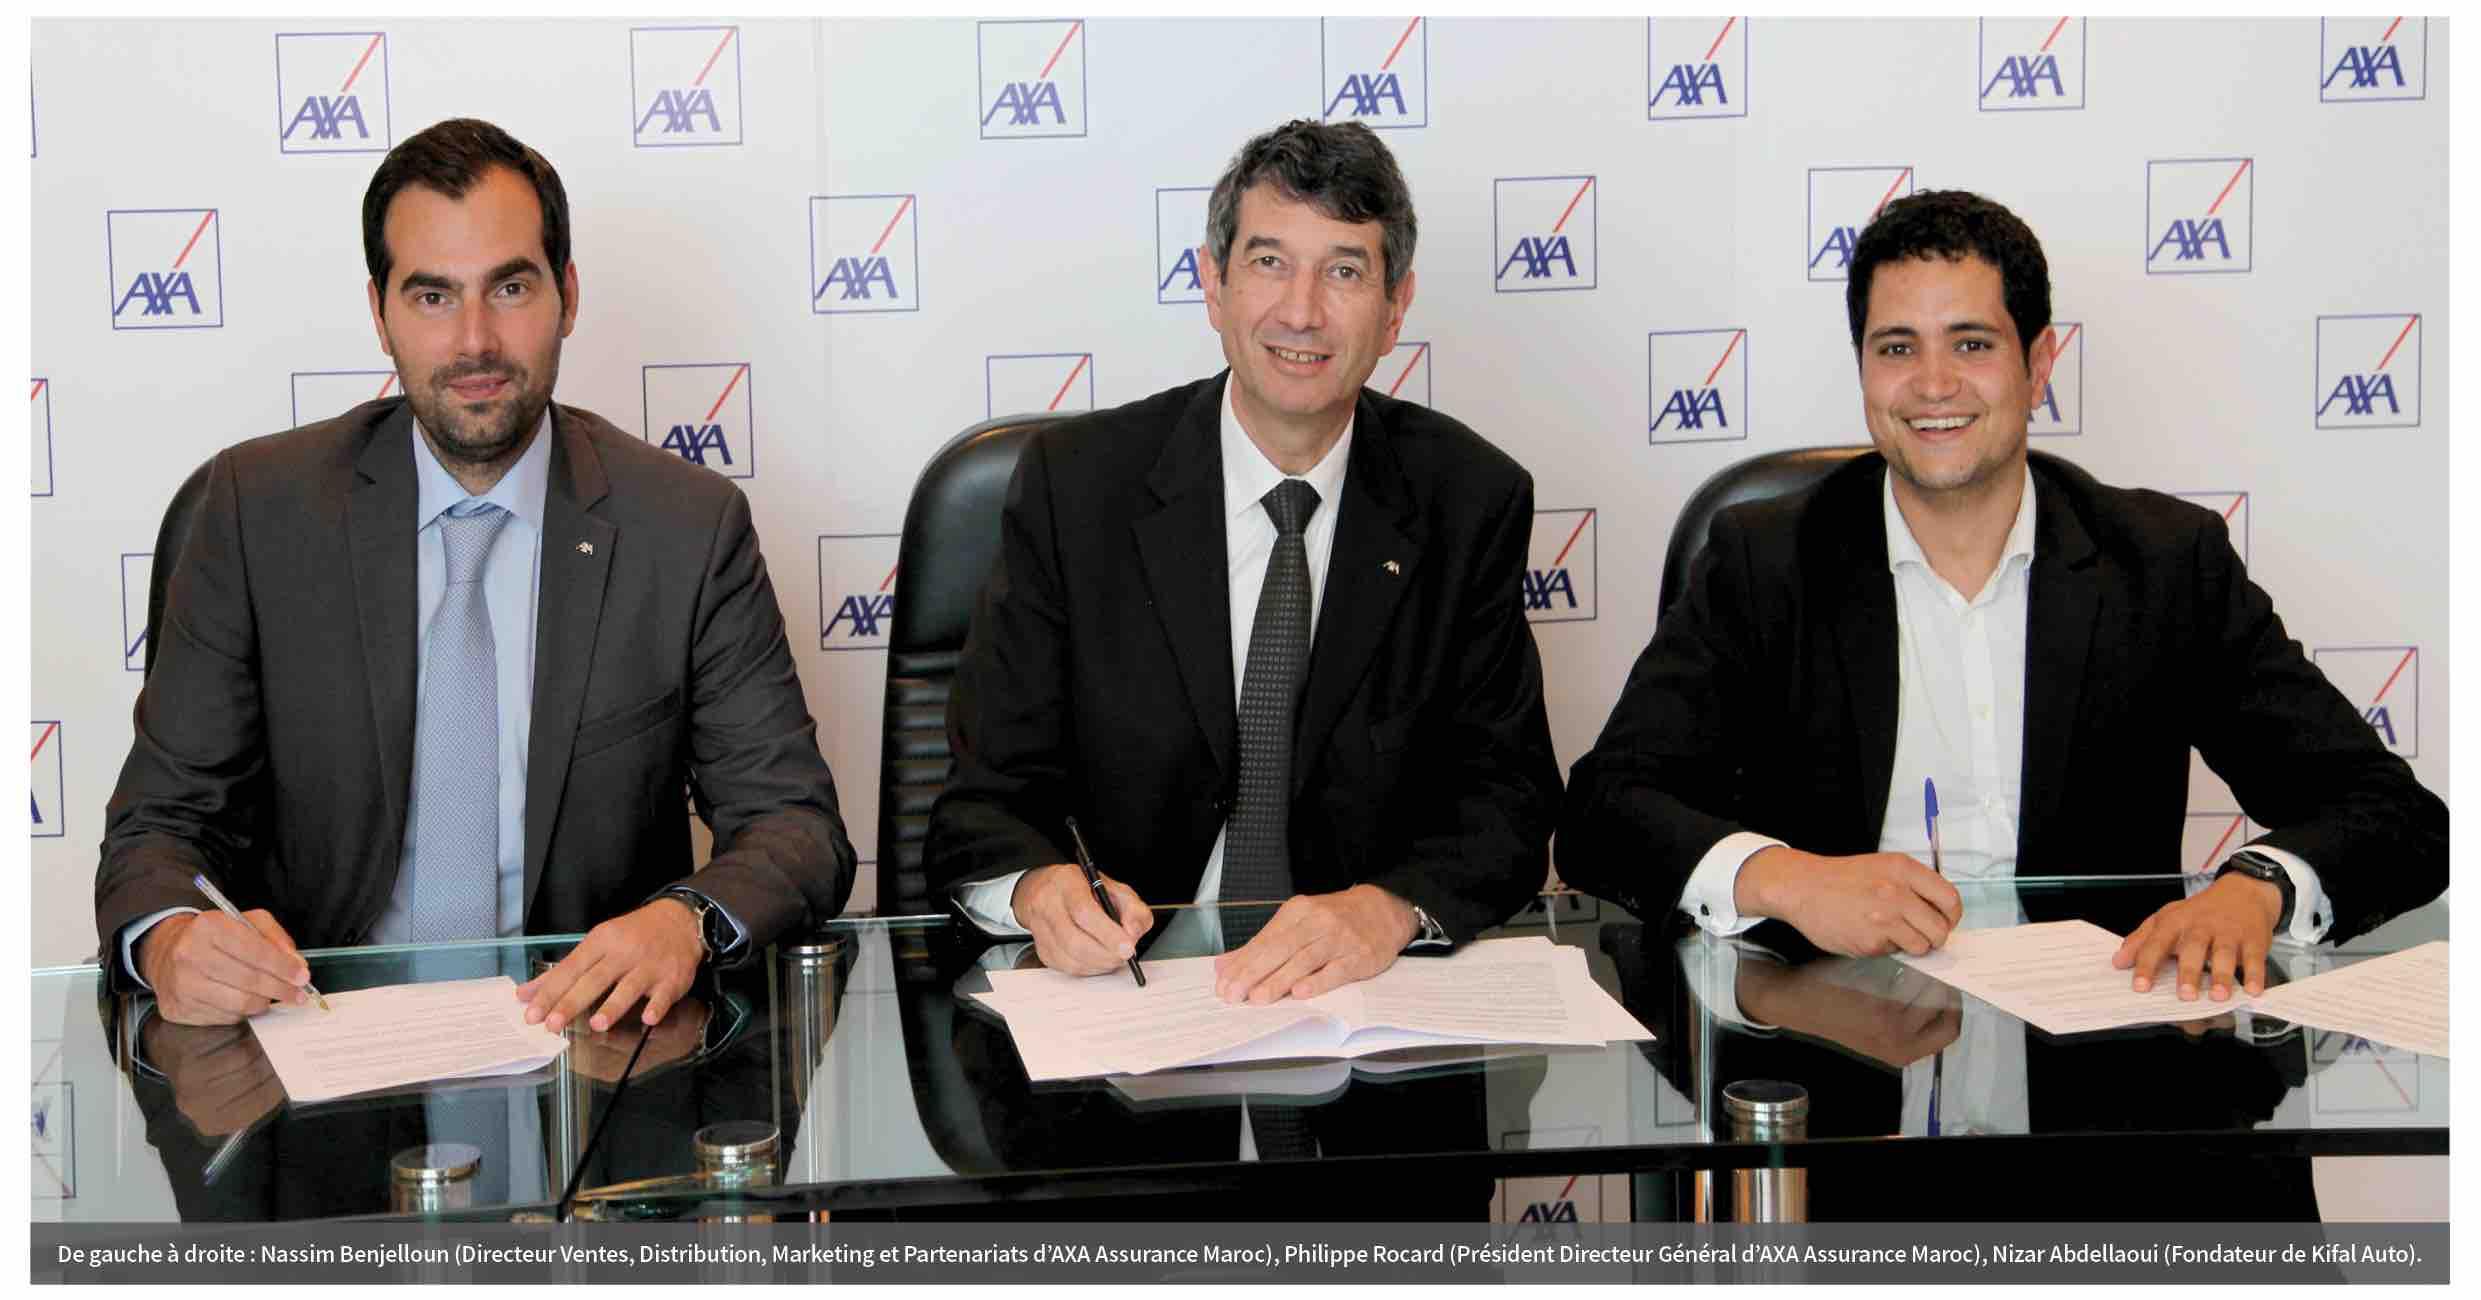 Partenariat entre AXA Assurance Maroc et Kifal Auto